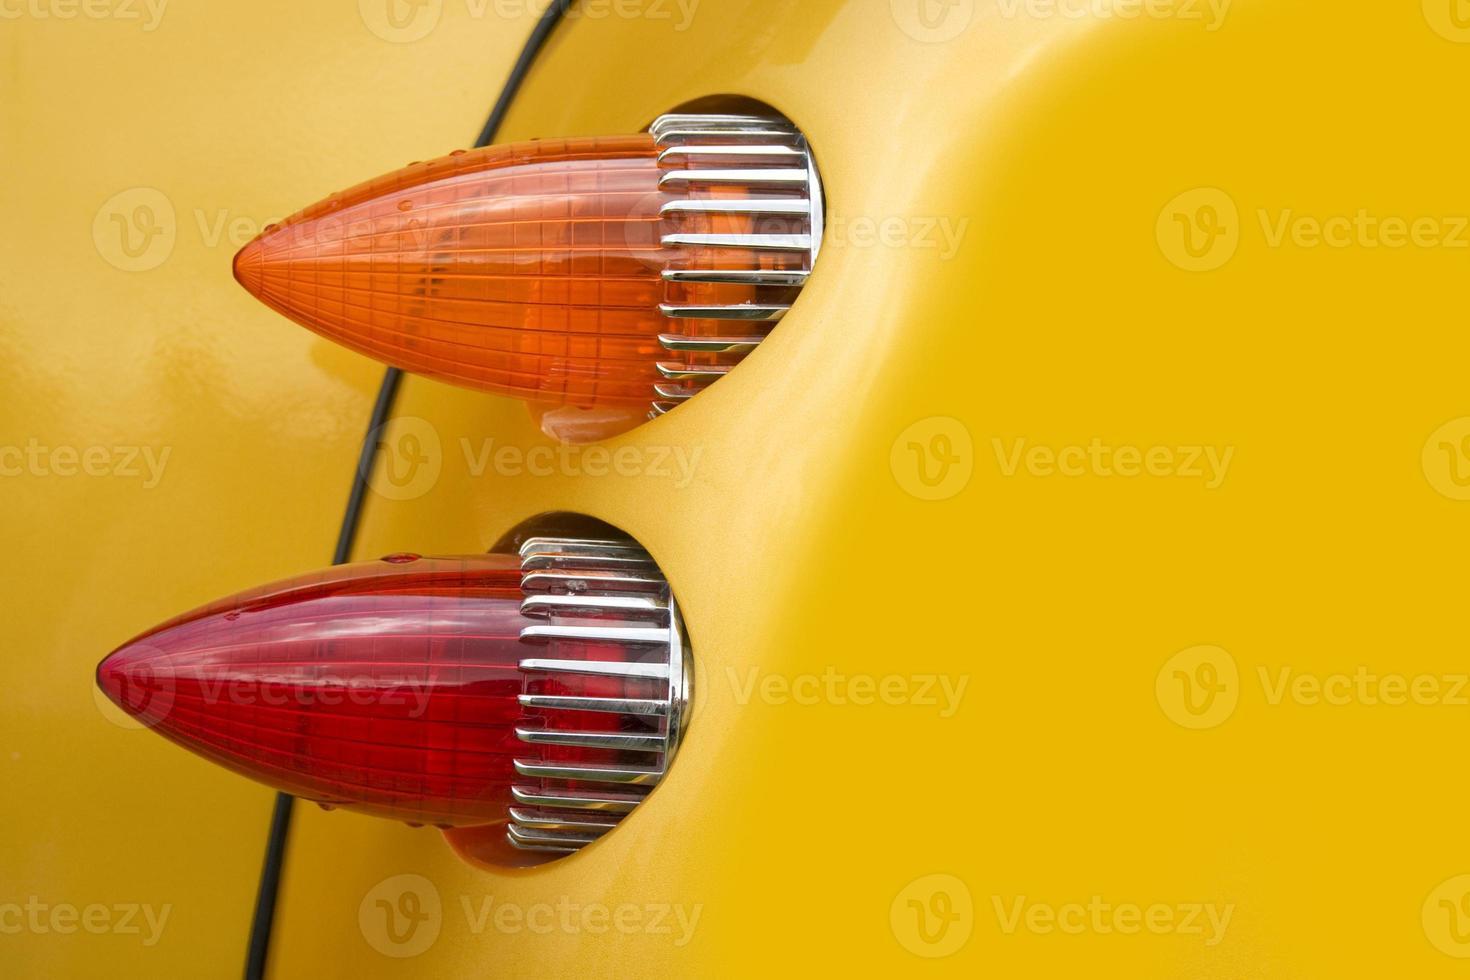 luci per auto foto